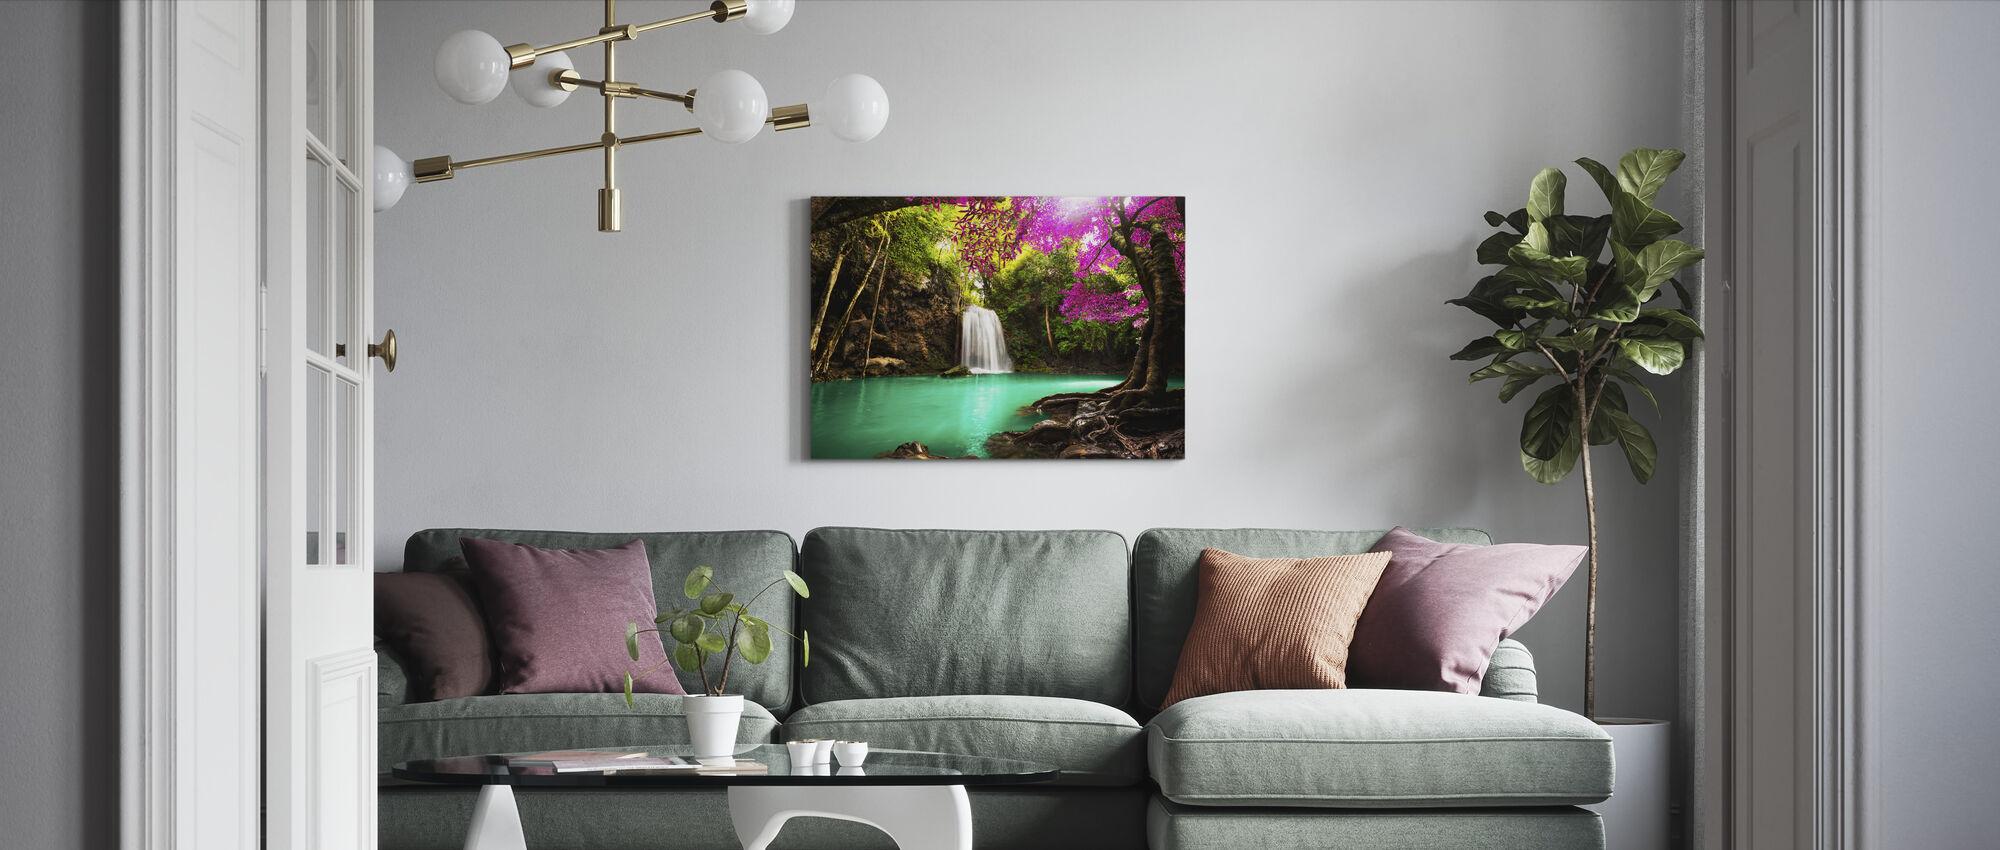 Waterval in Herfstbos - Canvas print - Woonkamer